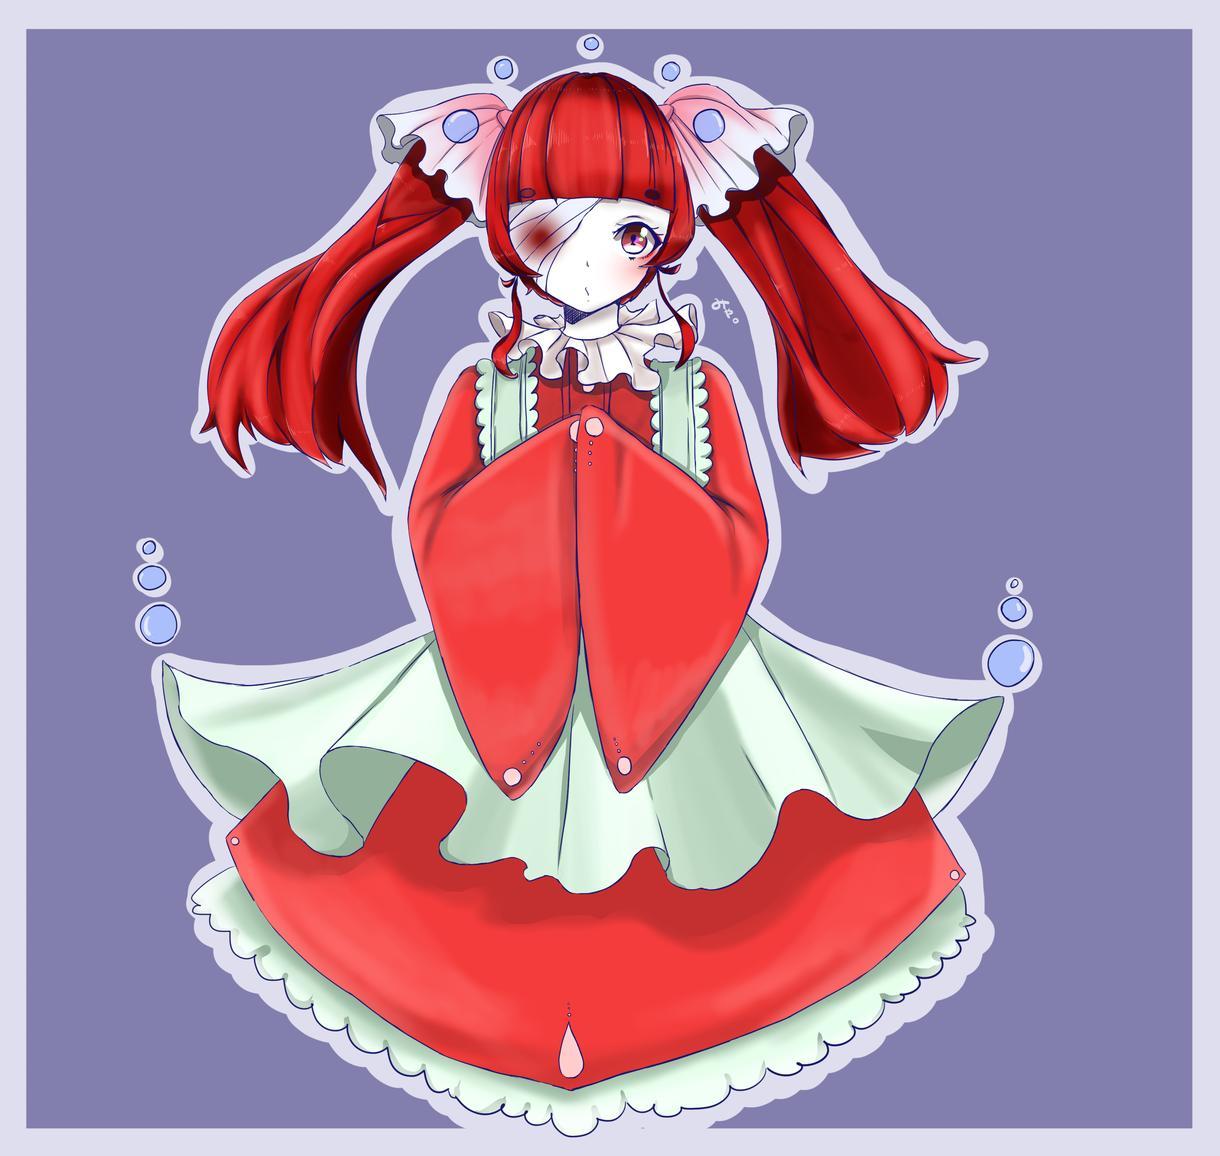 キャラクターデザイン承ります 人だけでなく小さくて可愛い二頭身キャラデザもやってます!